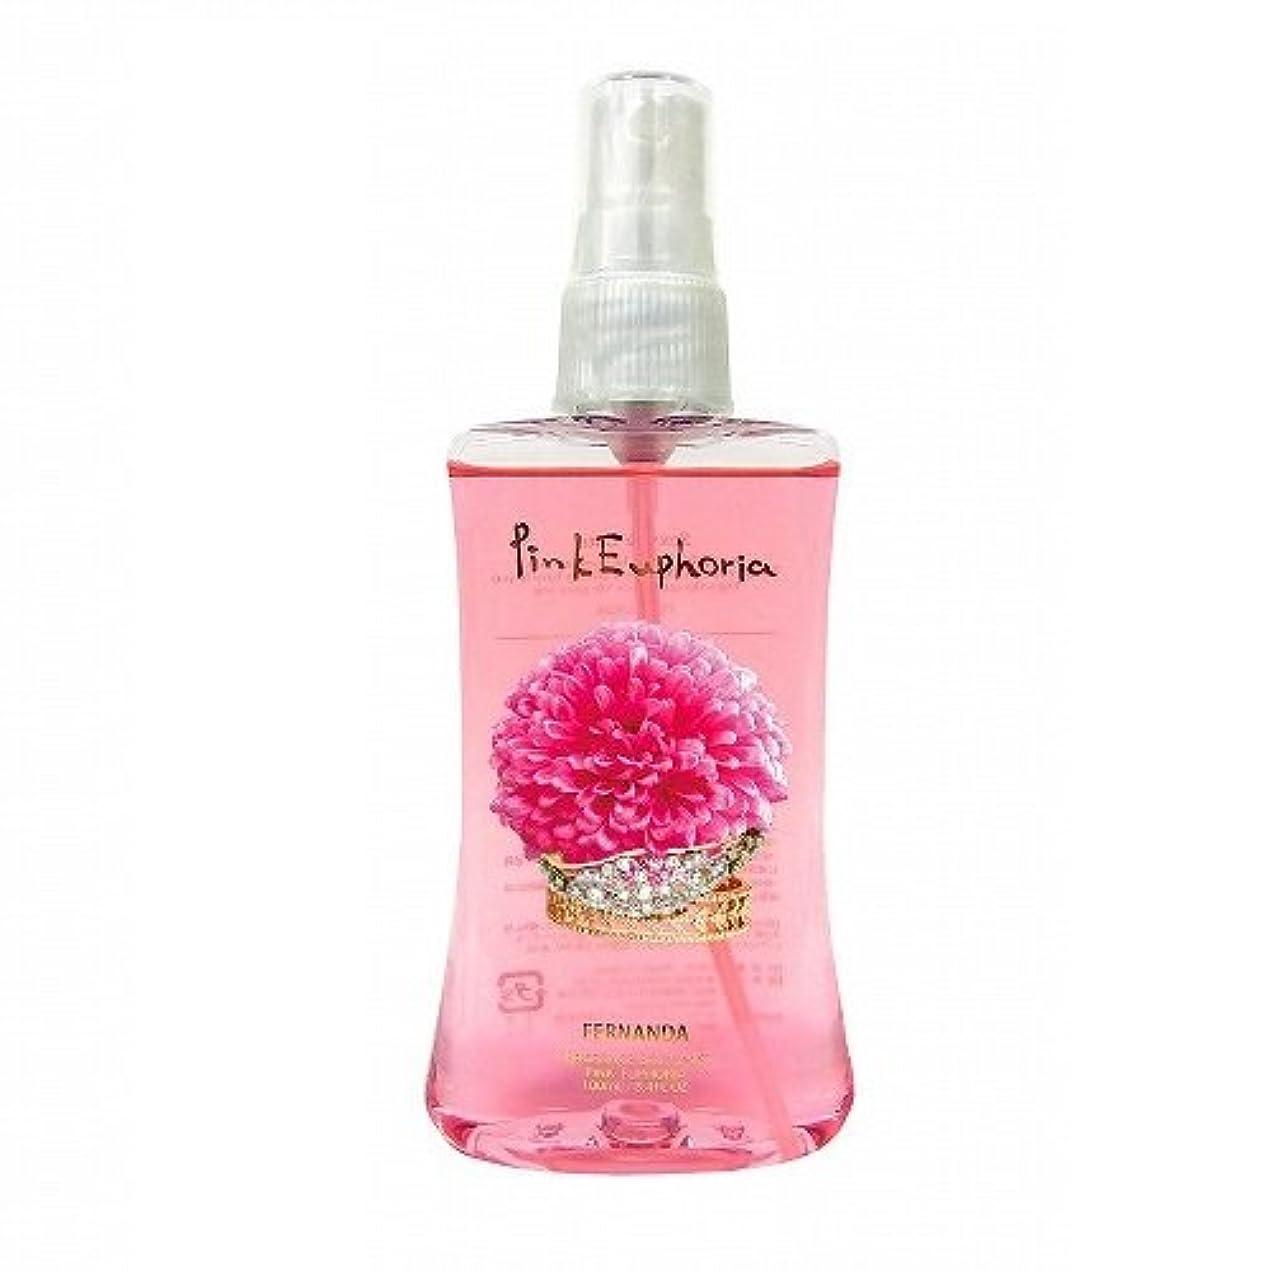 対称ベルト火薬FERNANDA(フェルナンダ) Body Mist Pink Euphoria (ボディミスト ピンクエウフォリア)